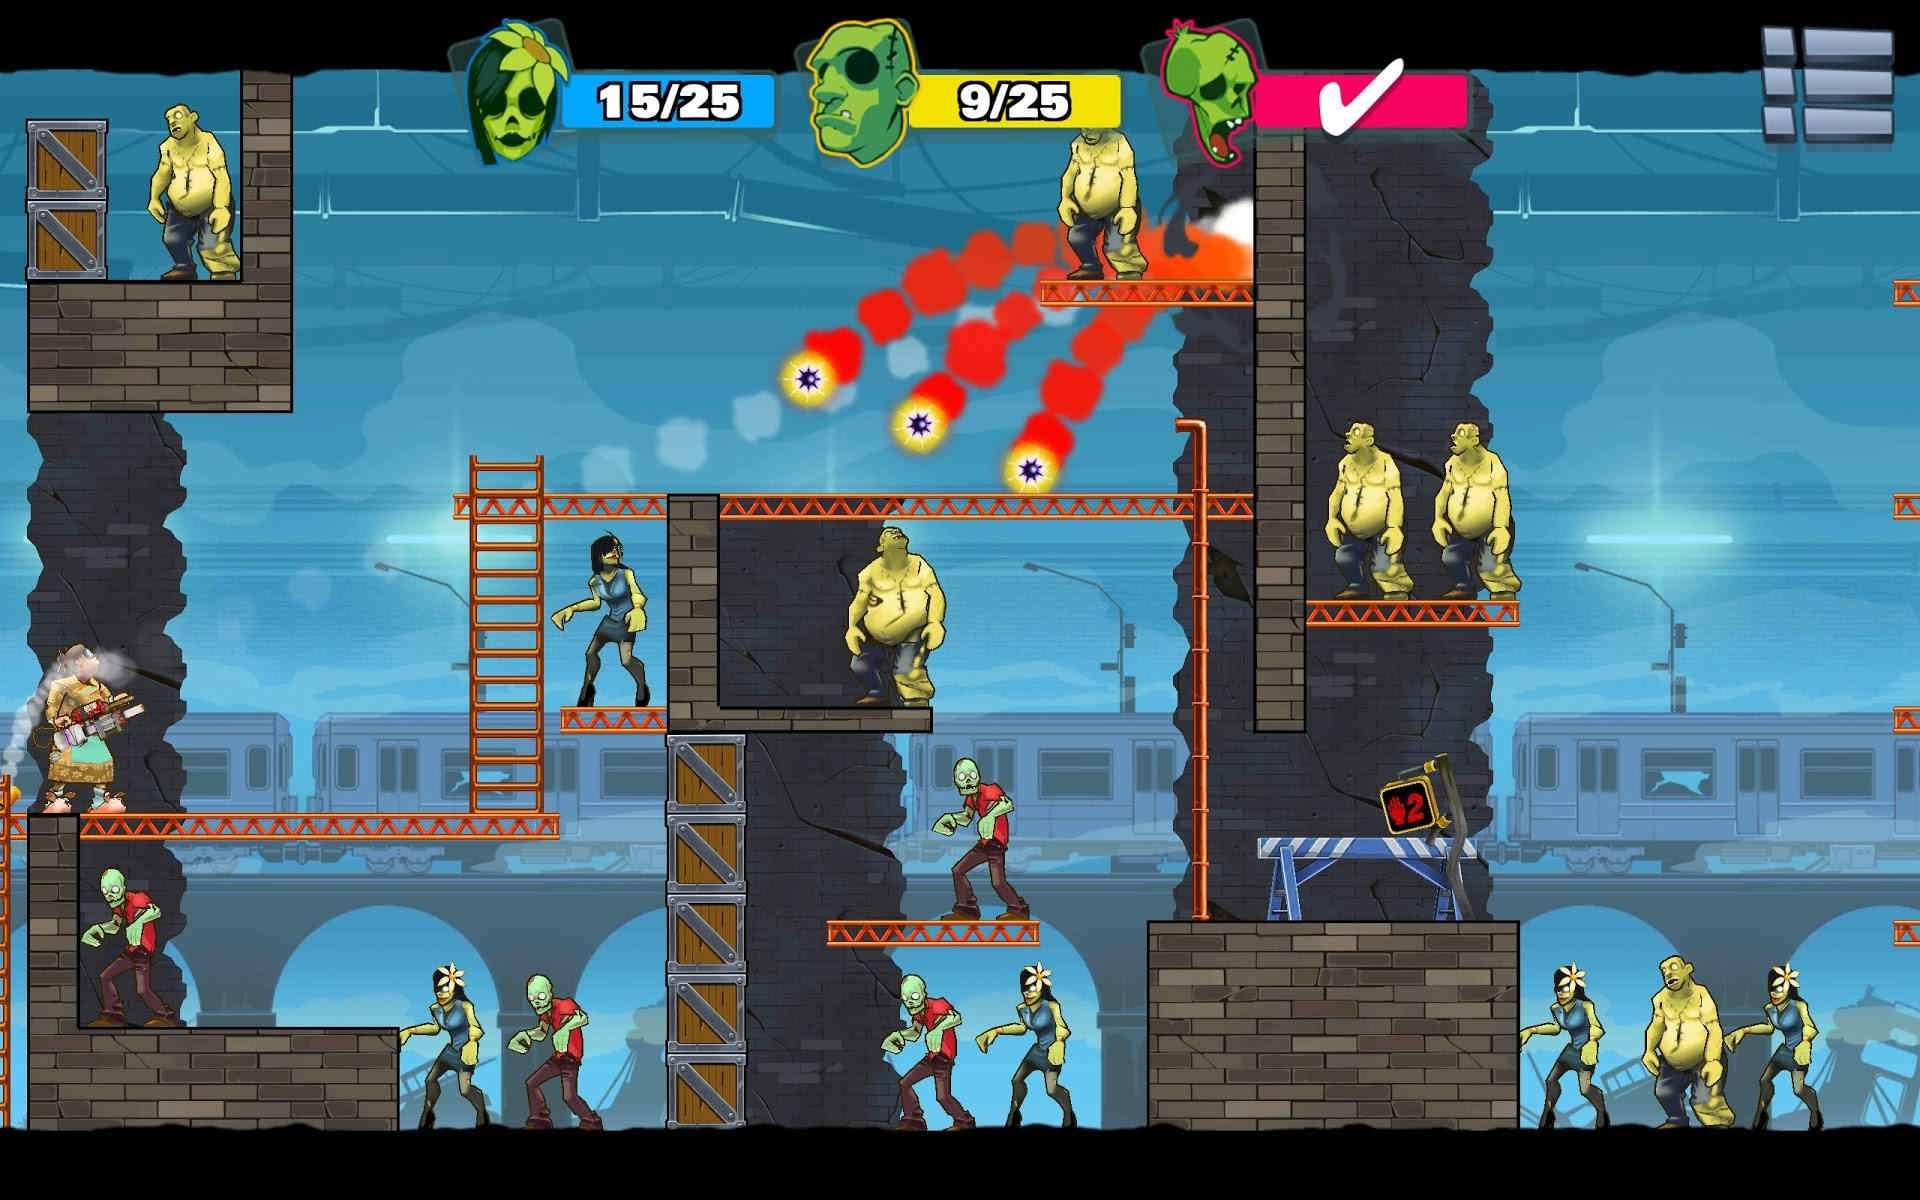 دانلود Stupid Zombies 3 v2.12 – بازی زامبی های احمق 3 اندروید